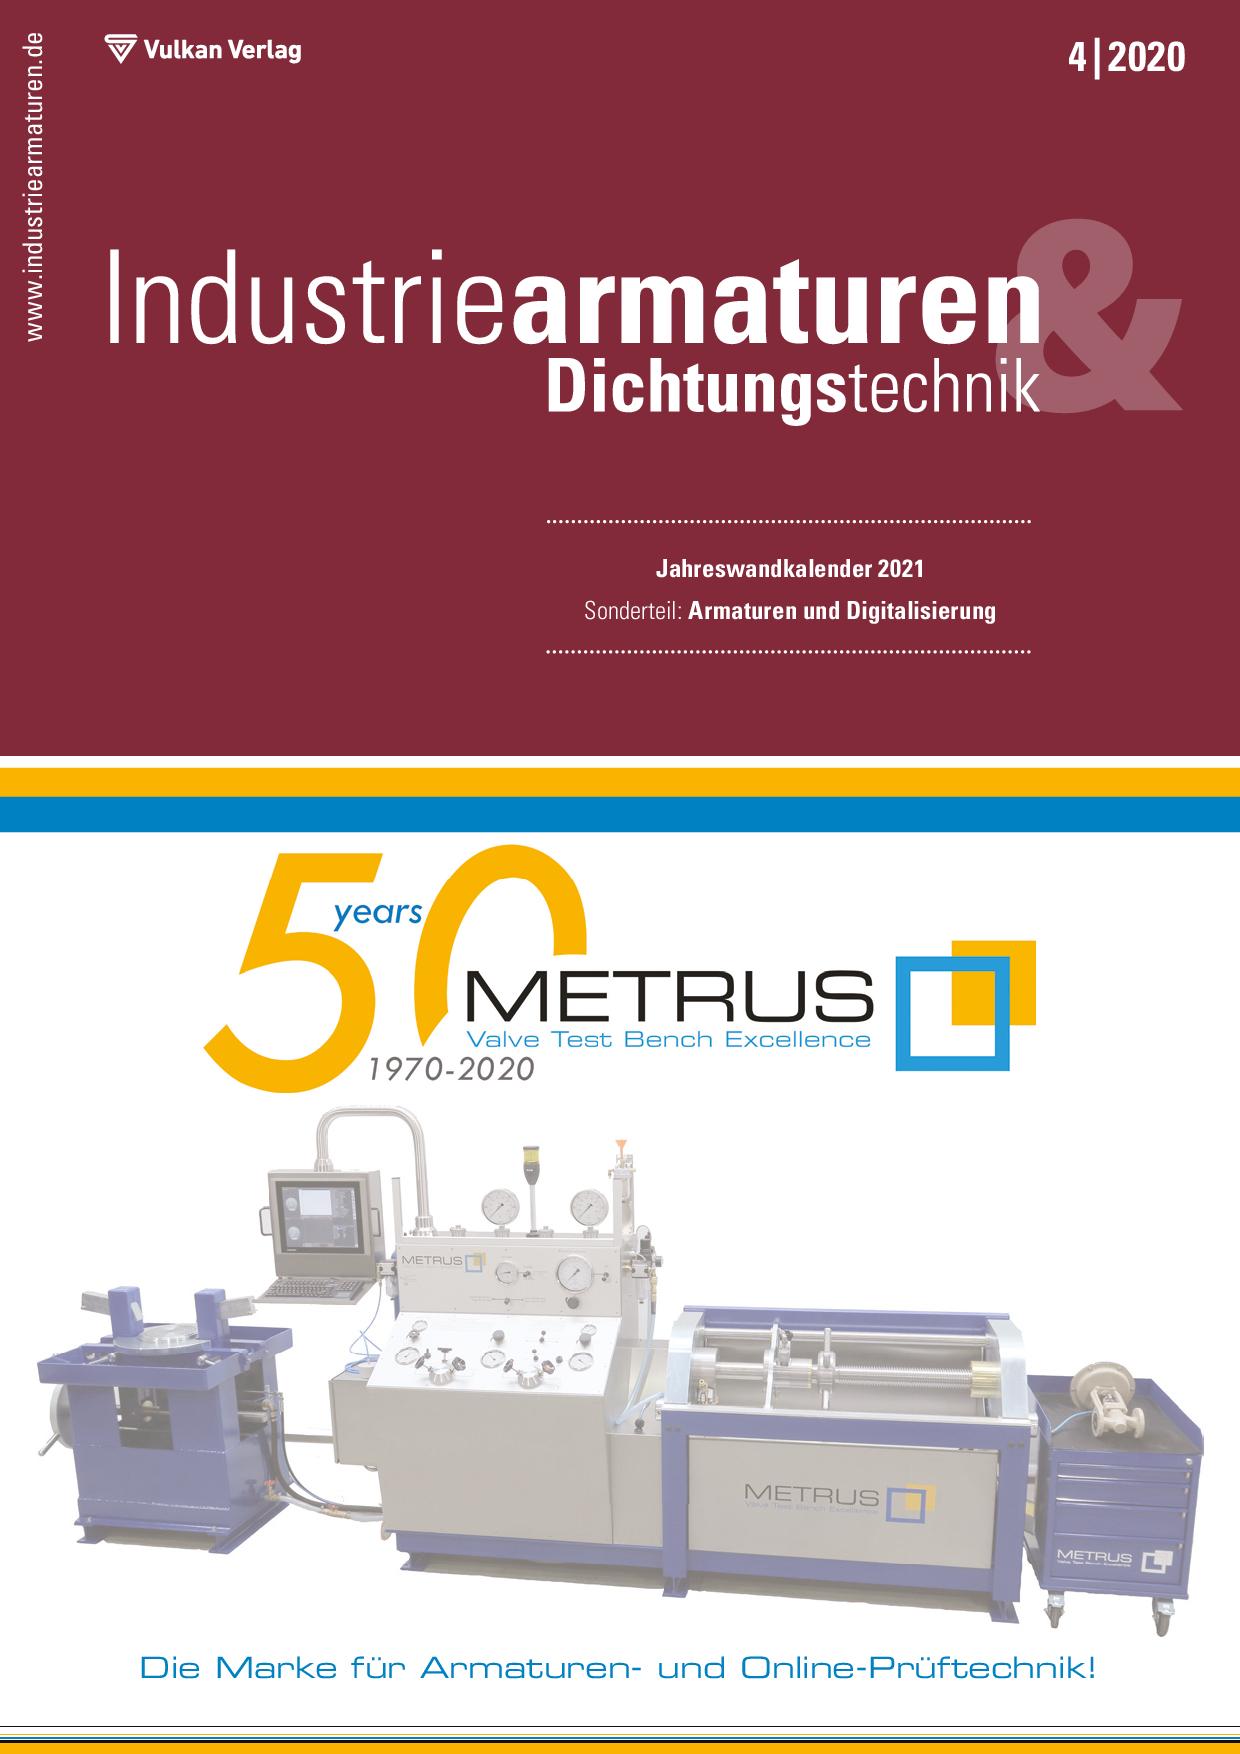 Industriearmaturen – 04 2020